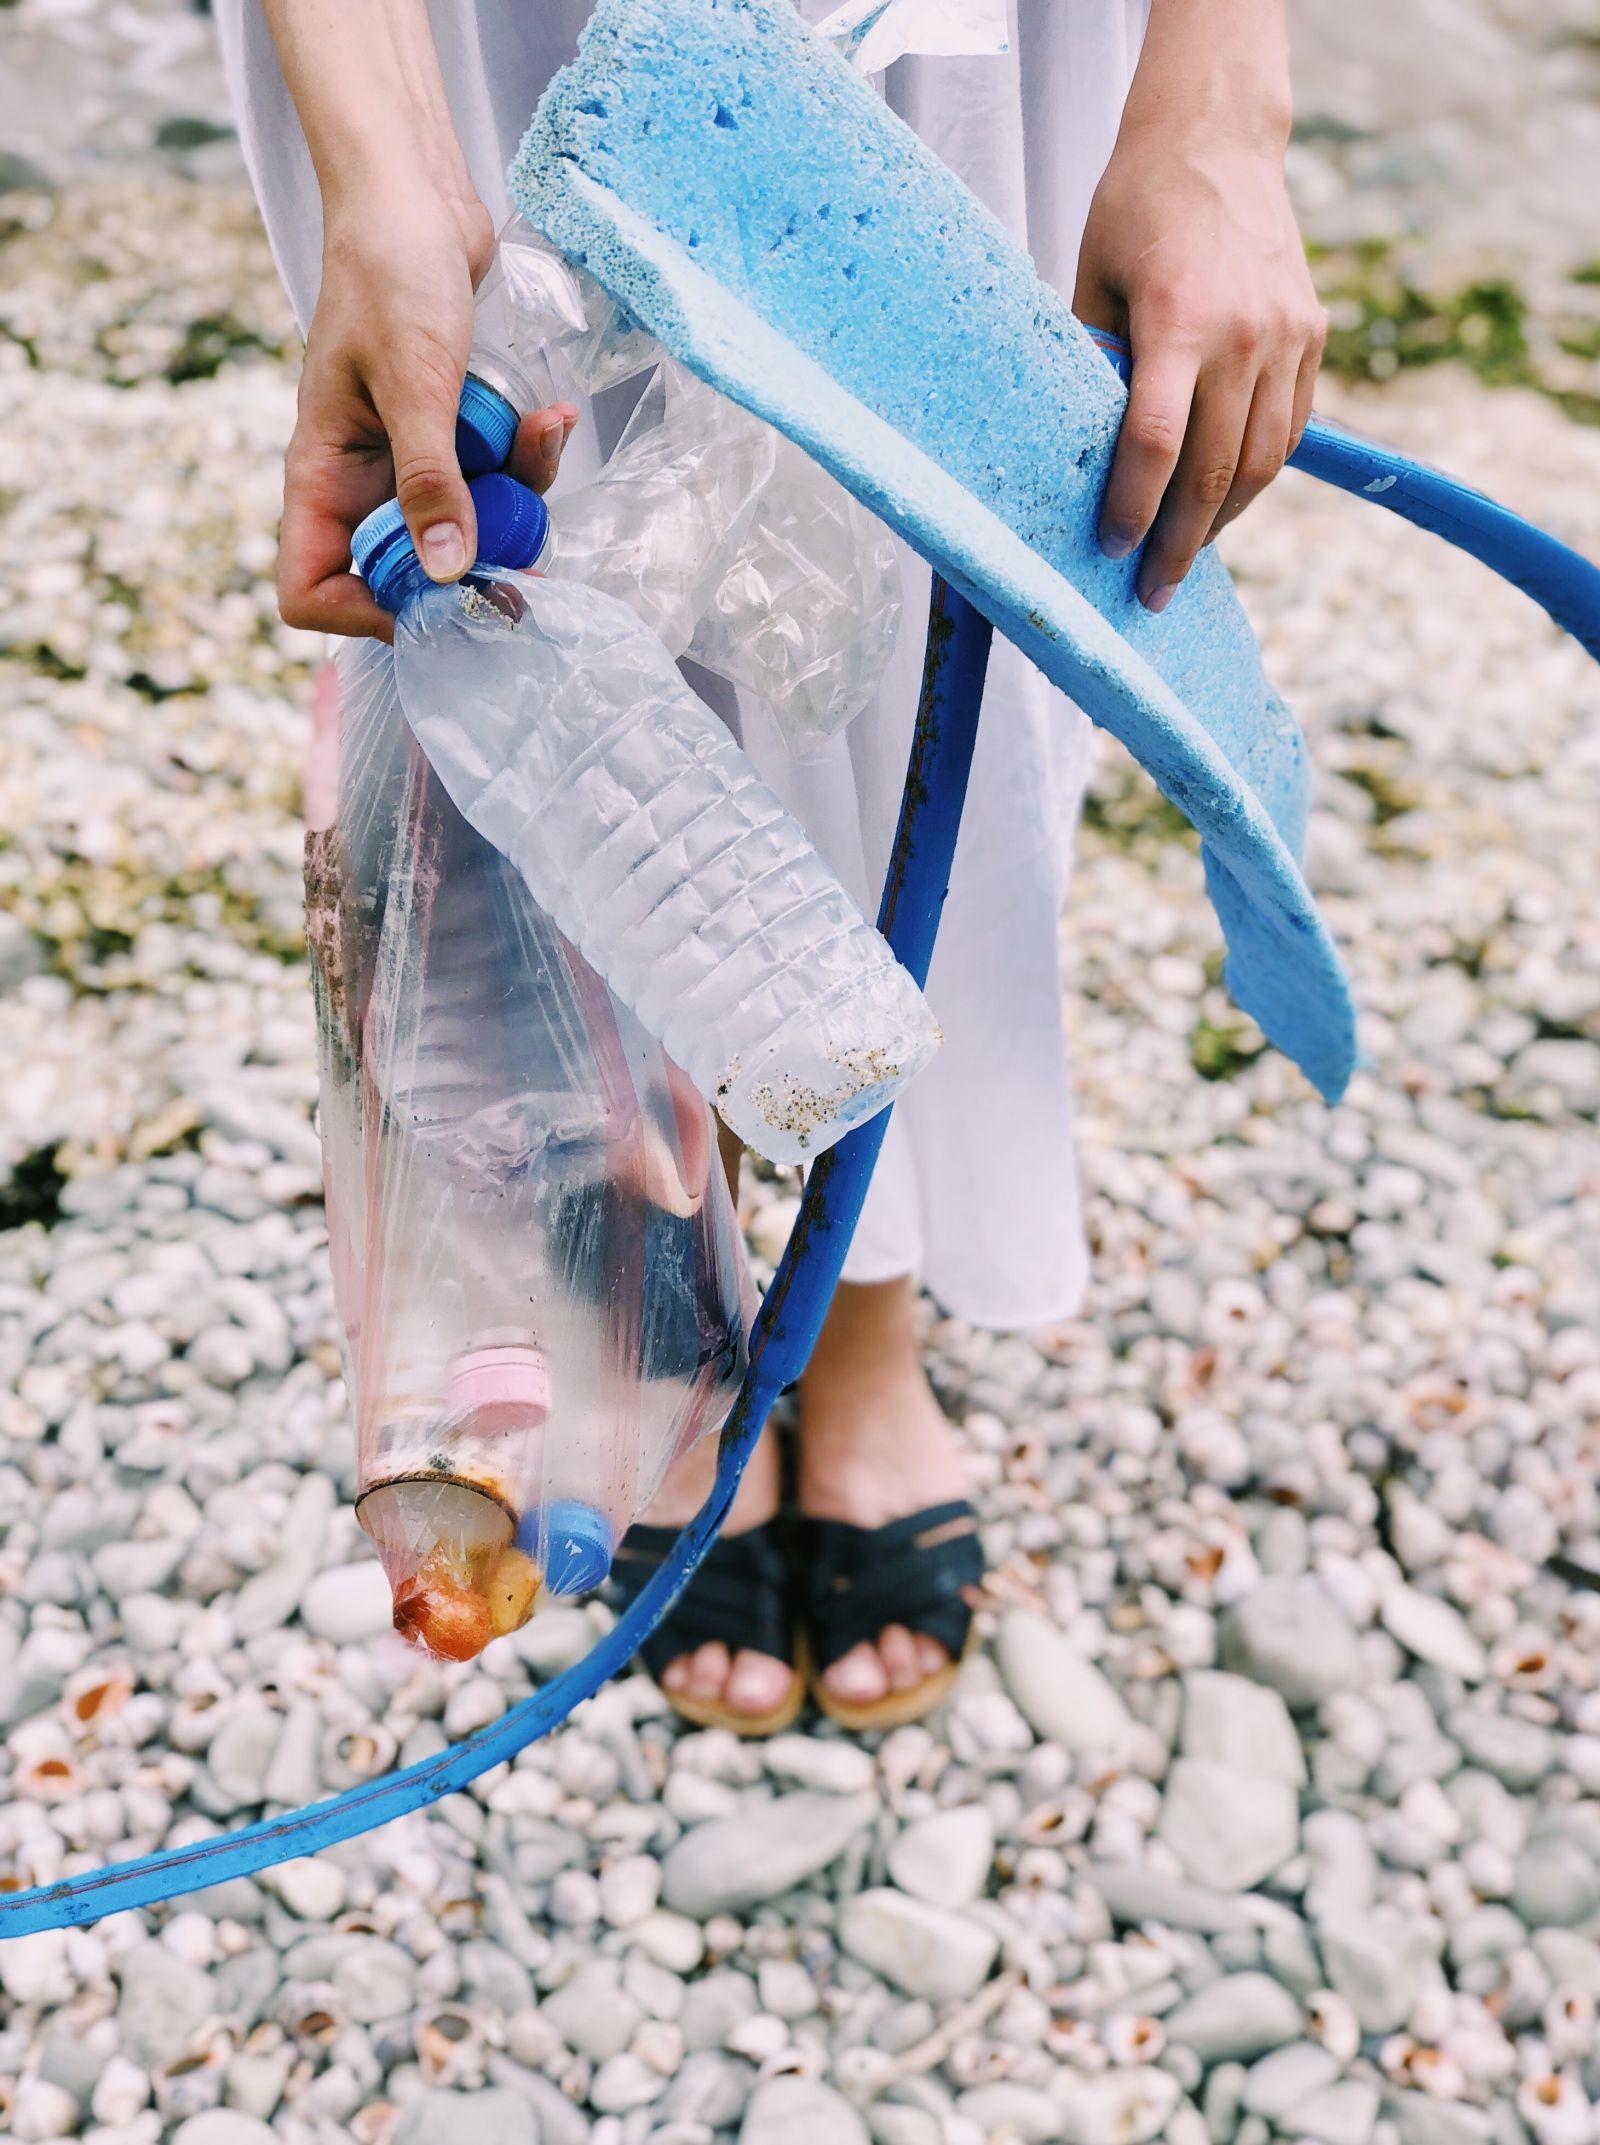 Frau sammelt Müll in der Natur und hält ihn in ihren Händen